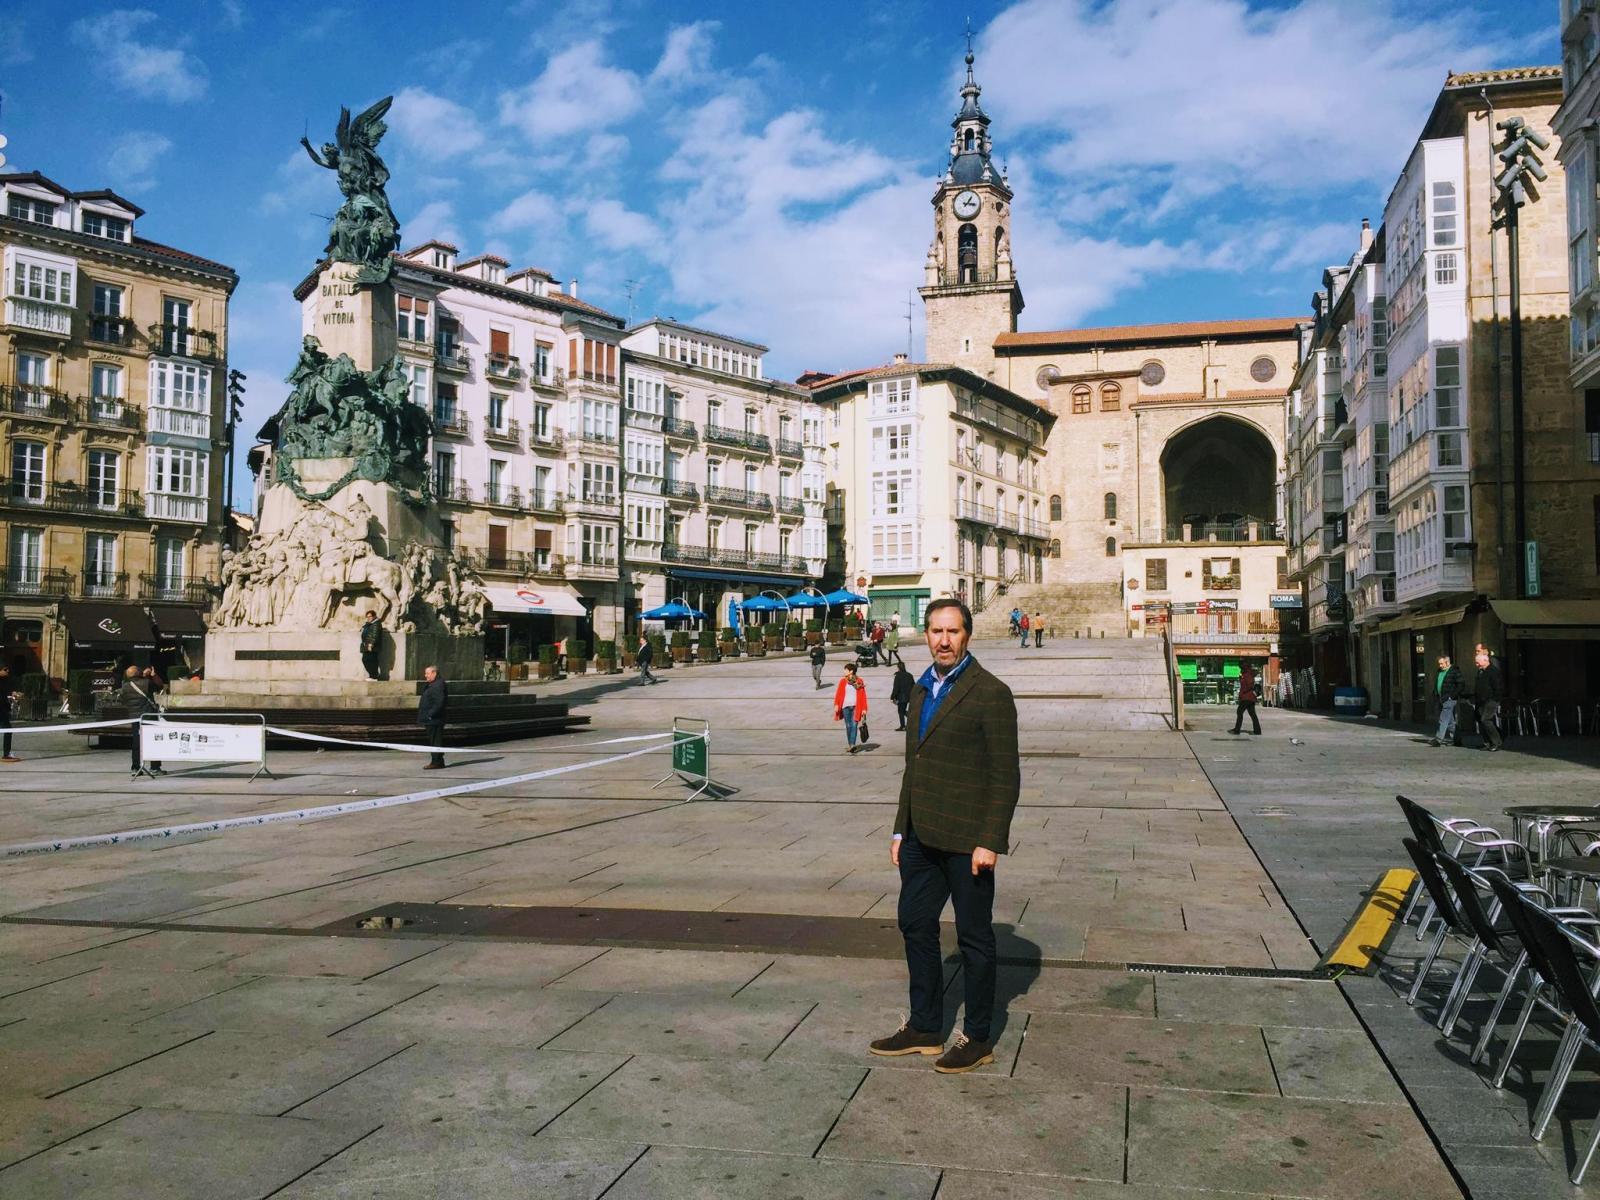 Rebi avanza en la puesta en marcha de la Red de Calor con Biomasa de Vitoria-Gasteiz